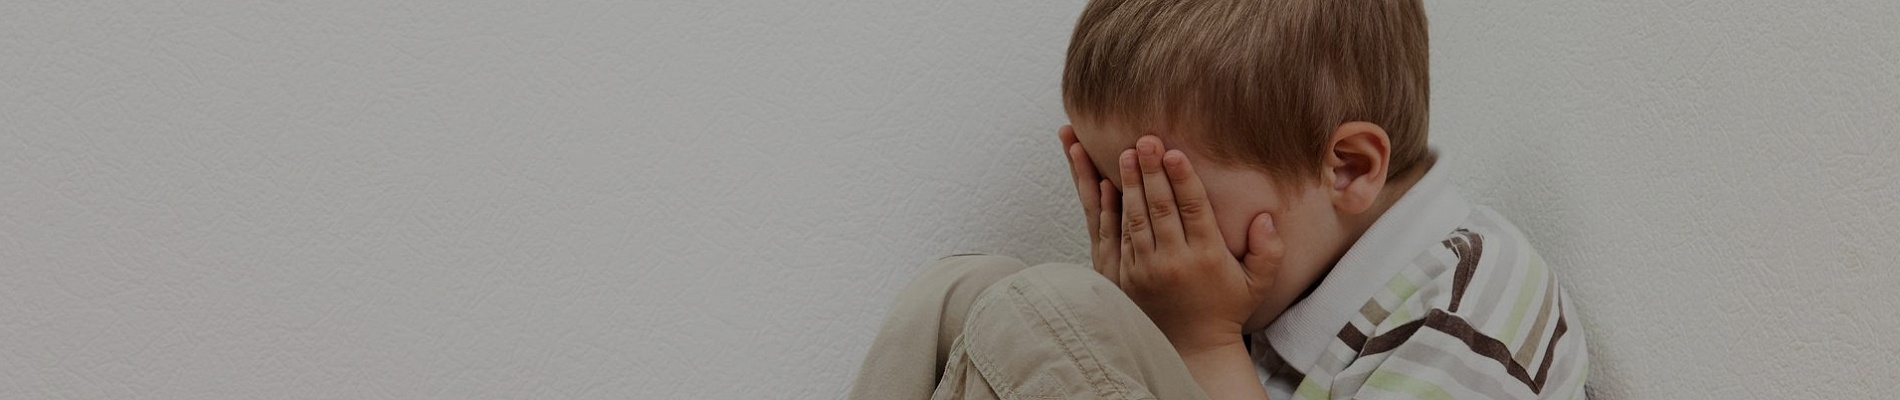 консультации юриста лишение родительских прав